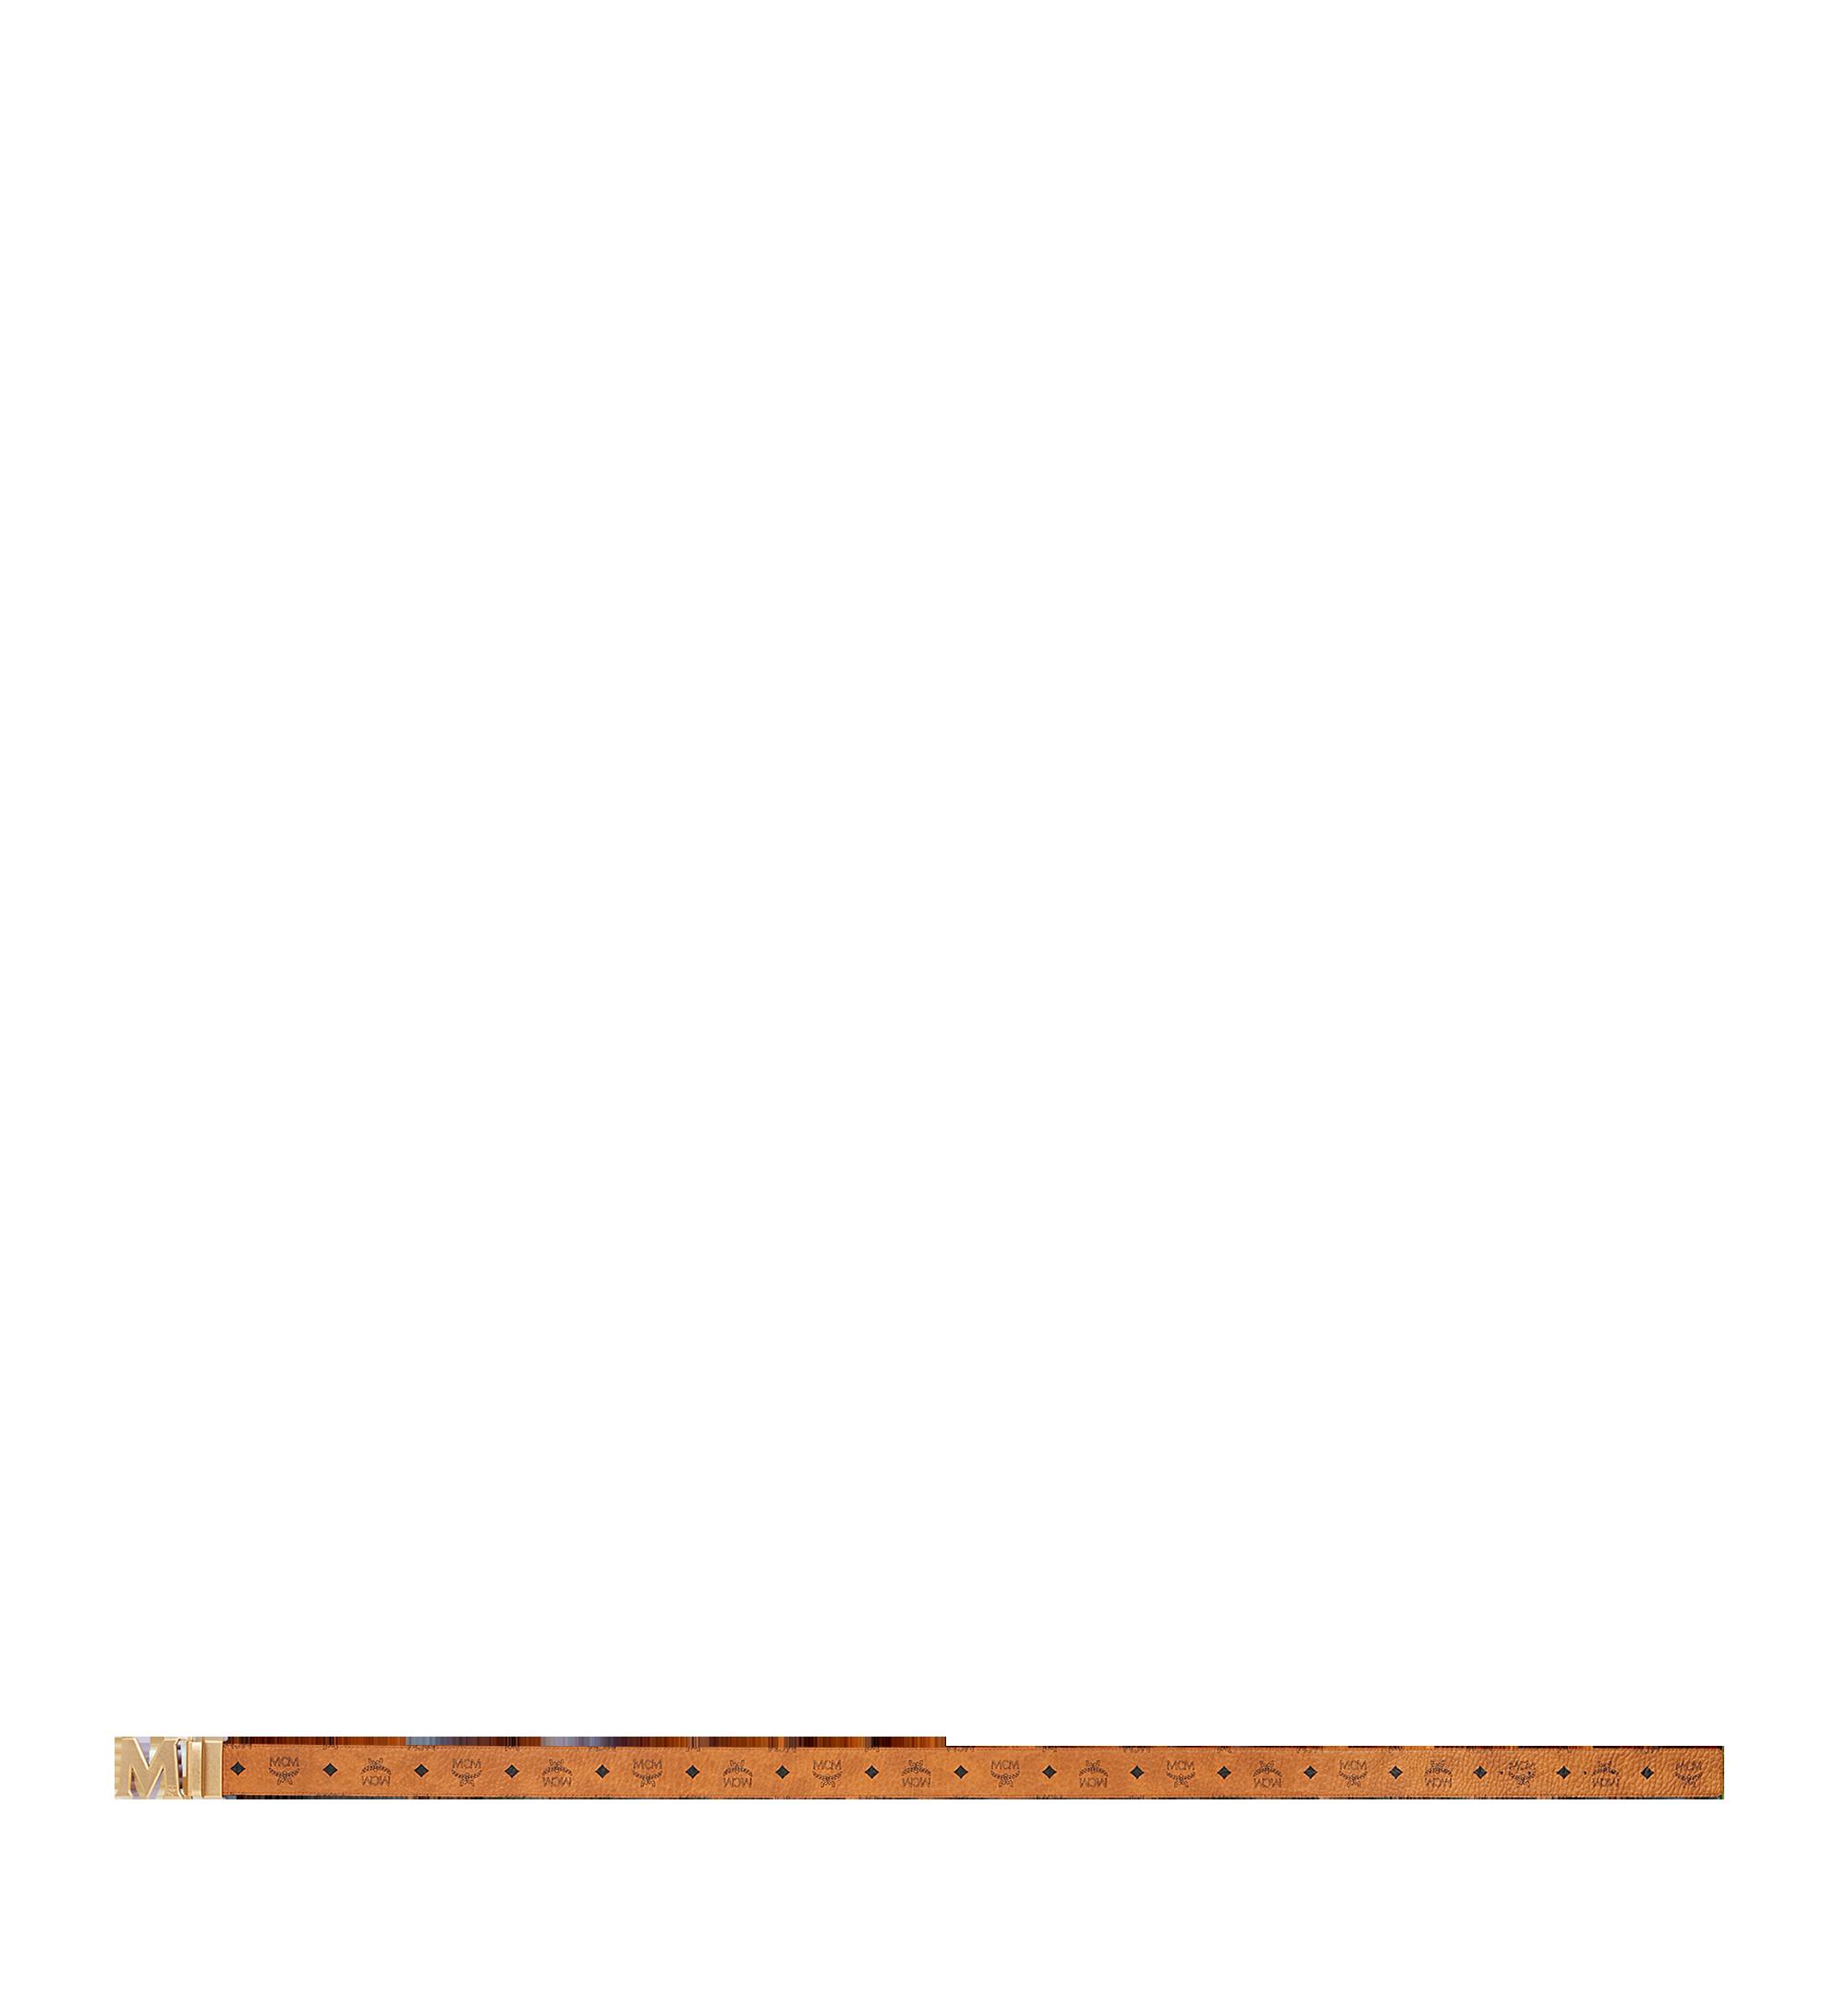 """MCM Antique M Reversible Belt 1.75"""" in Visetos Cognac MXB9SVI11CO001 Alternate View 3"""